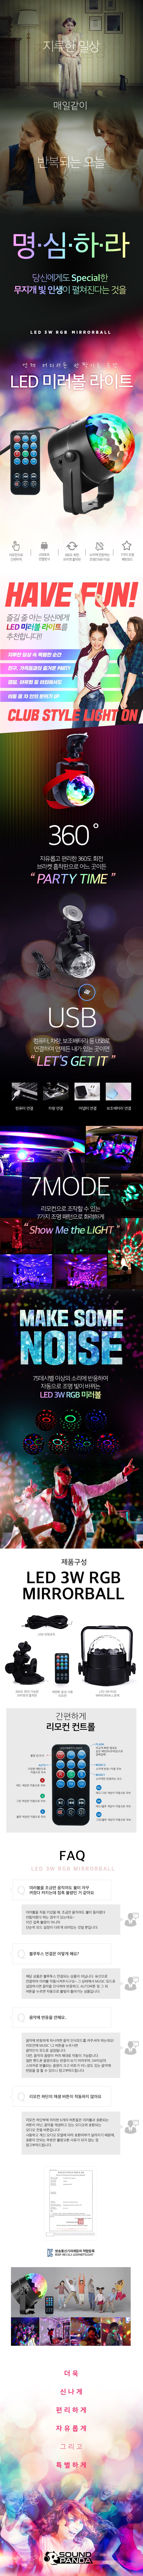 가정용 휴대 홈 파티 미러볼 LED 조명 - 갓샵, 17,500원, 이벤트조명, 이벤트조명